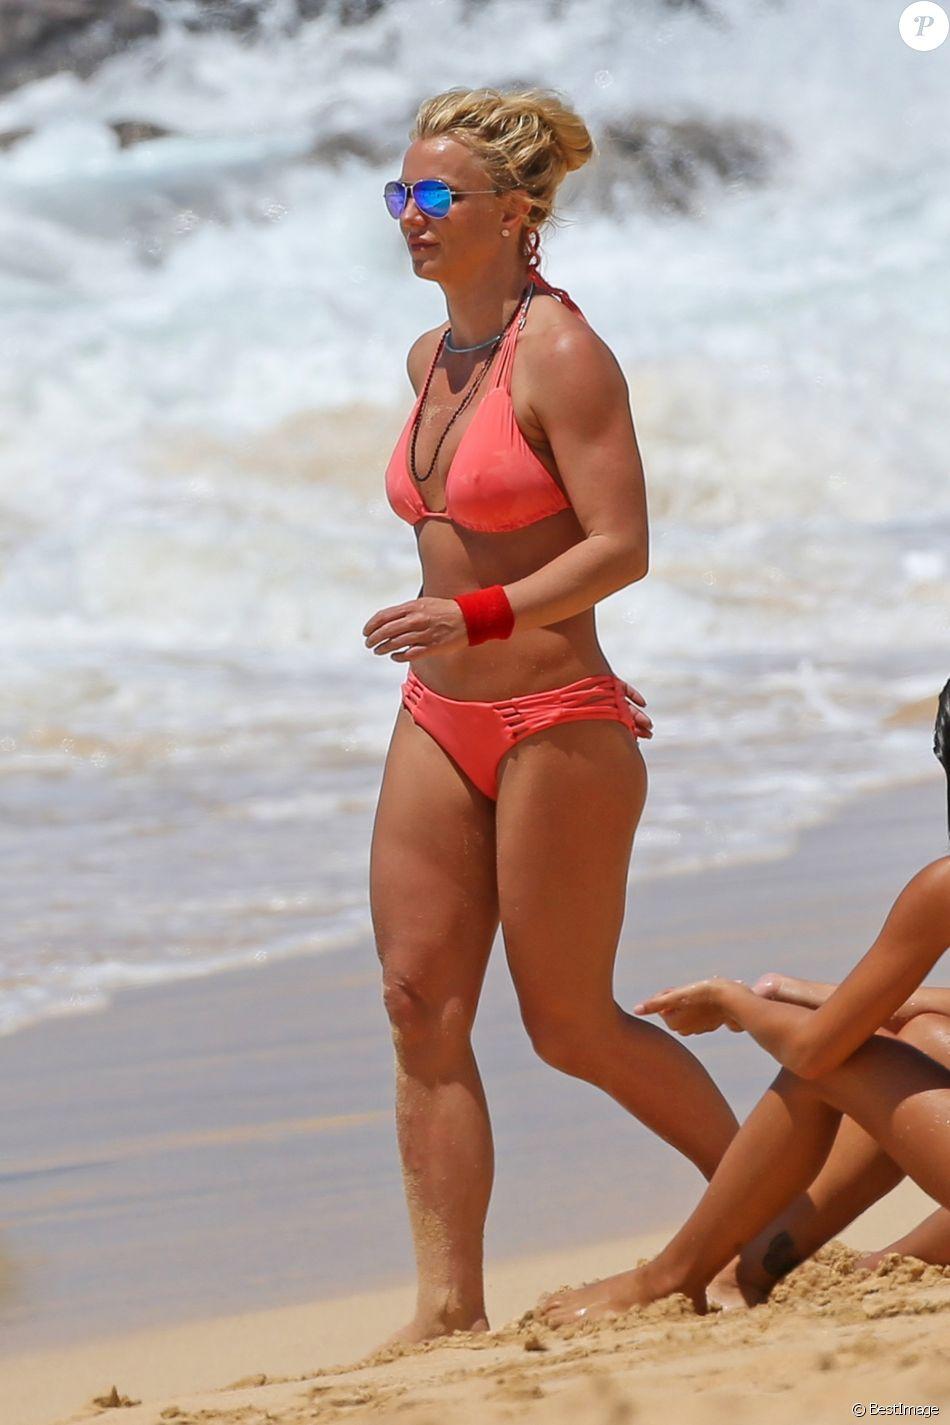 Exclusif - Britney Spears profite d'une belle journée ensoleillée avec sa mère Lynne Spears sur une plage à Kauai à Hawaii, le 13 avril 2017